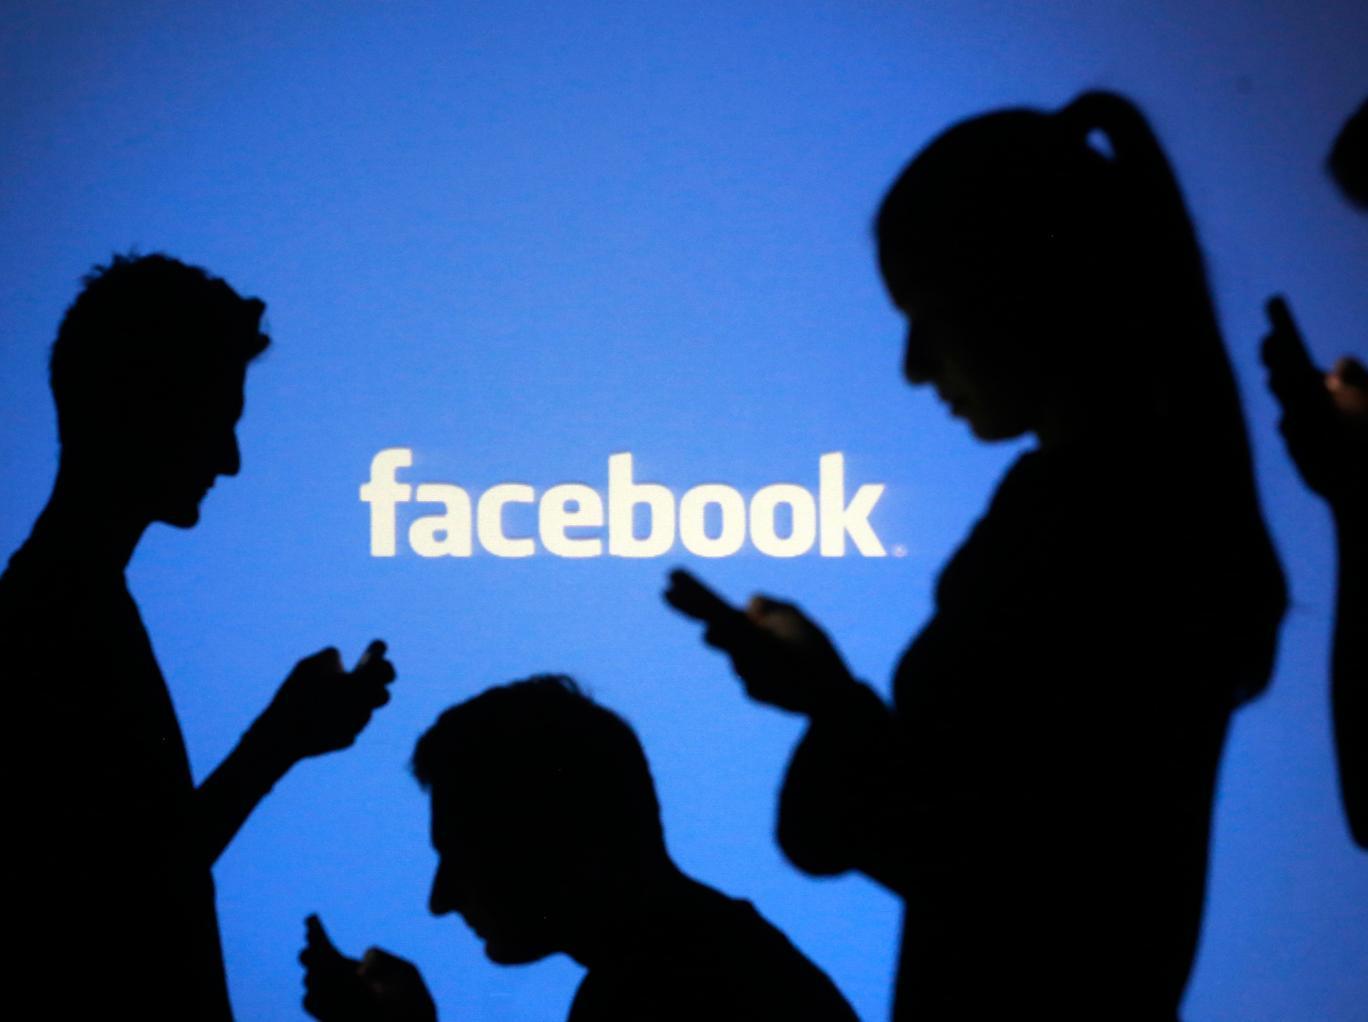 Polițiștii locali din Brăila au aplicat amenzi după ce au fost înjurați pe Facebook